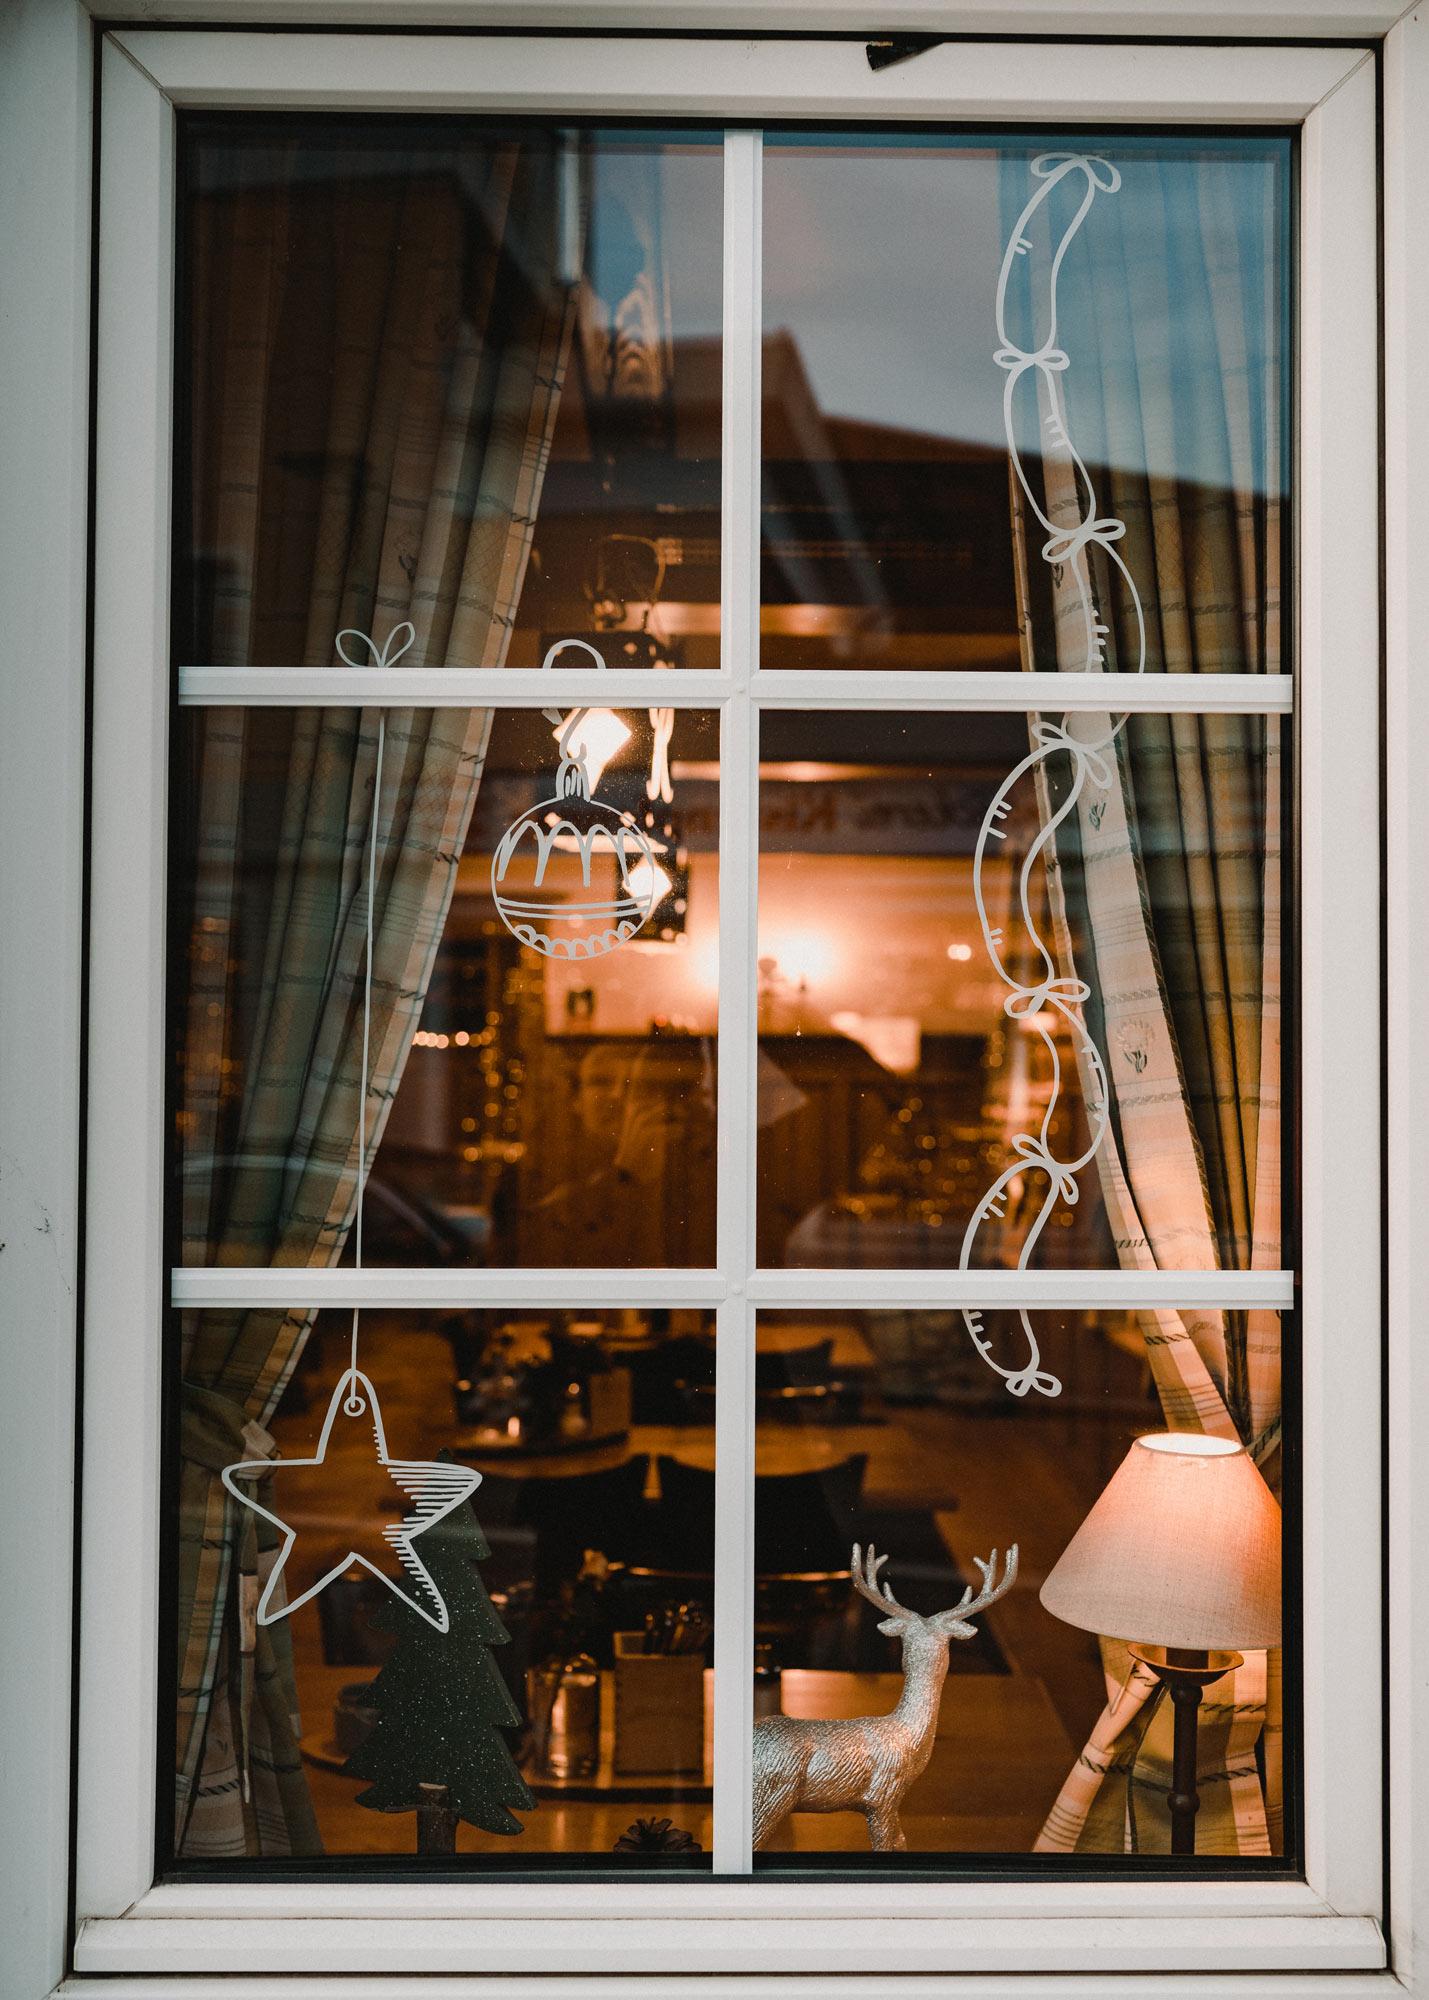 Gasthausfenster mit weißer Bemalung: Ein Stern an einer Schnur, eine Christbaumkugel und viele Würste hängen von oben herab.